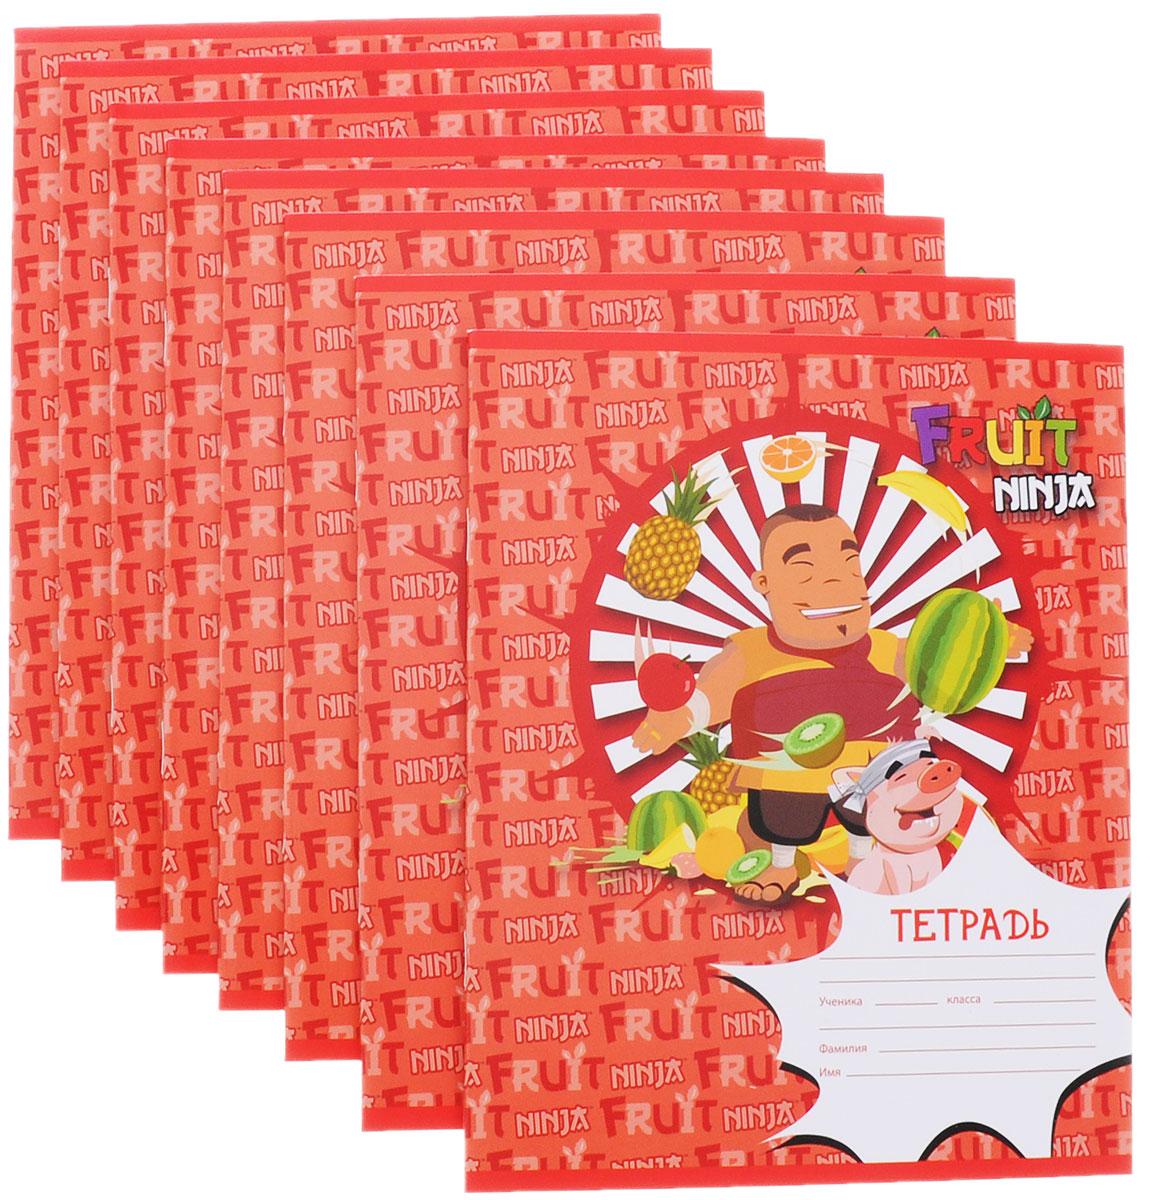 Action! Набор тетрадей Fruit Ninja 24 листа в клетку цвет красный 8 штFN-AN 2402/5_красныйНабор тетрадей Action! Fruit Ninja прекрасно подойдет для учащихся любого возраста. Обложка выполнена из мелованного картона и украшена изображением героя знаменитой игры Fruit Ninja. Внутренний блок тетради состоит из 24 листов белой бумаги. Страницы размечены стандартной линовкой в голубую клетку и дополнены полями, совпадающими с лицевой и оборотной стороны листа. Набор состоит из 8 тетрадей.